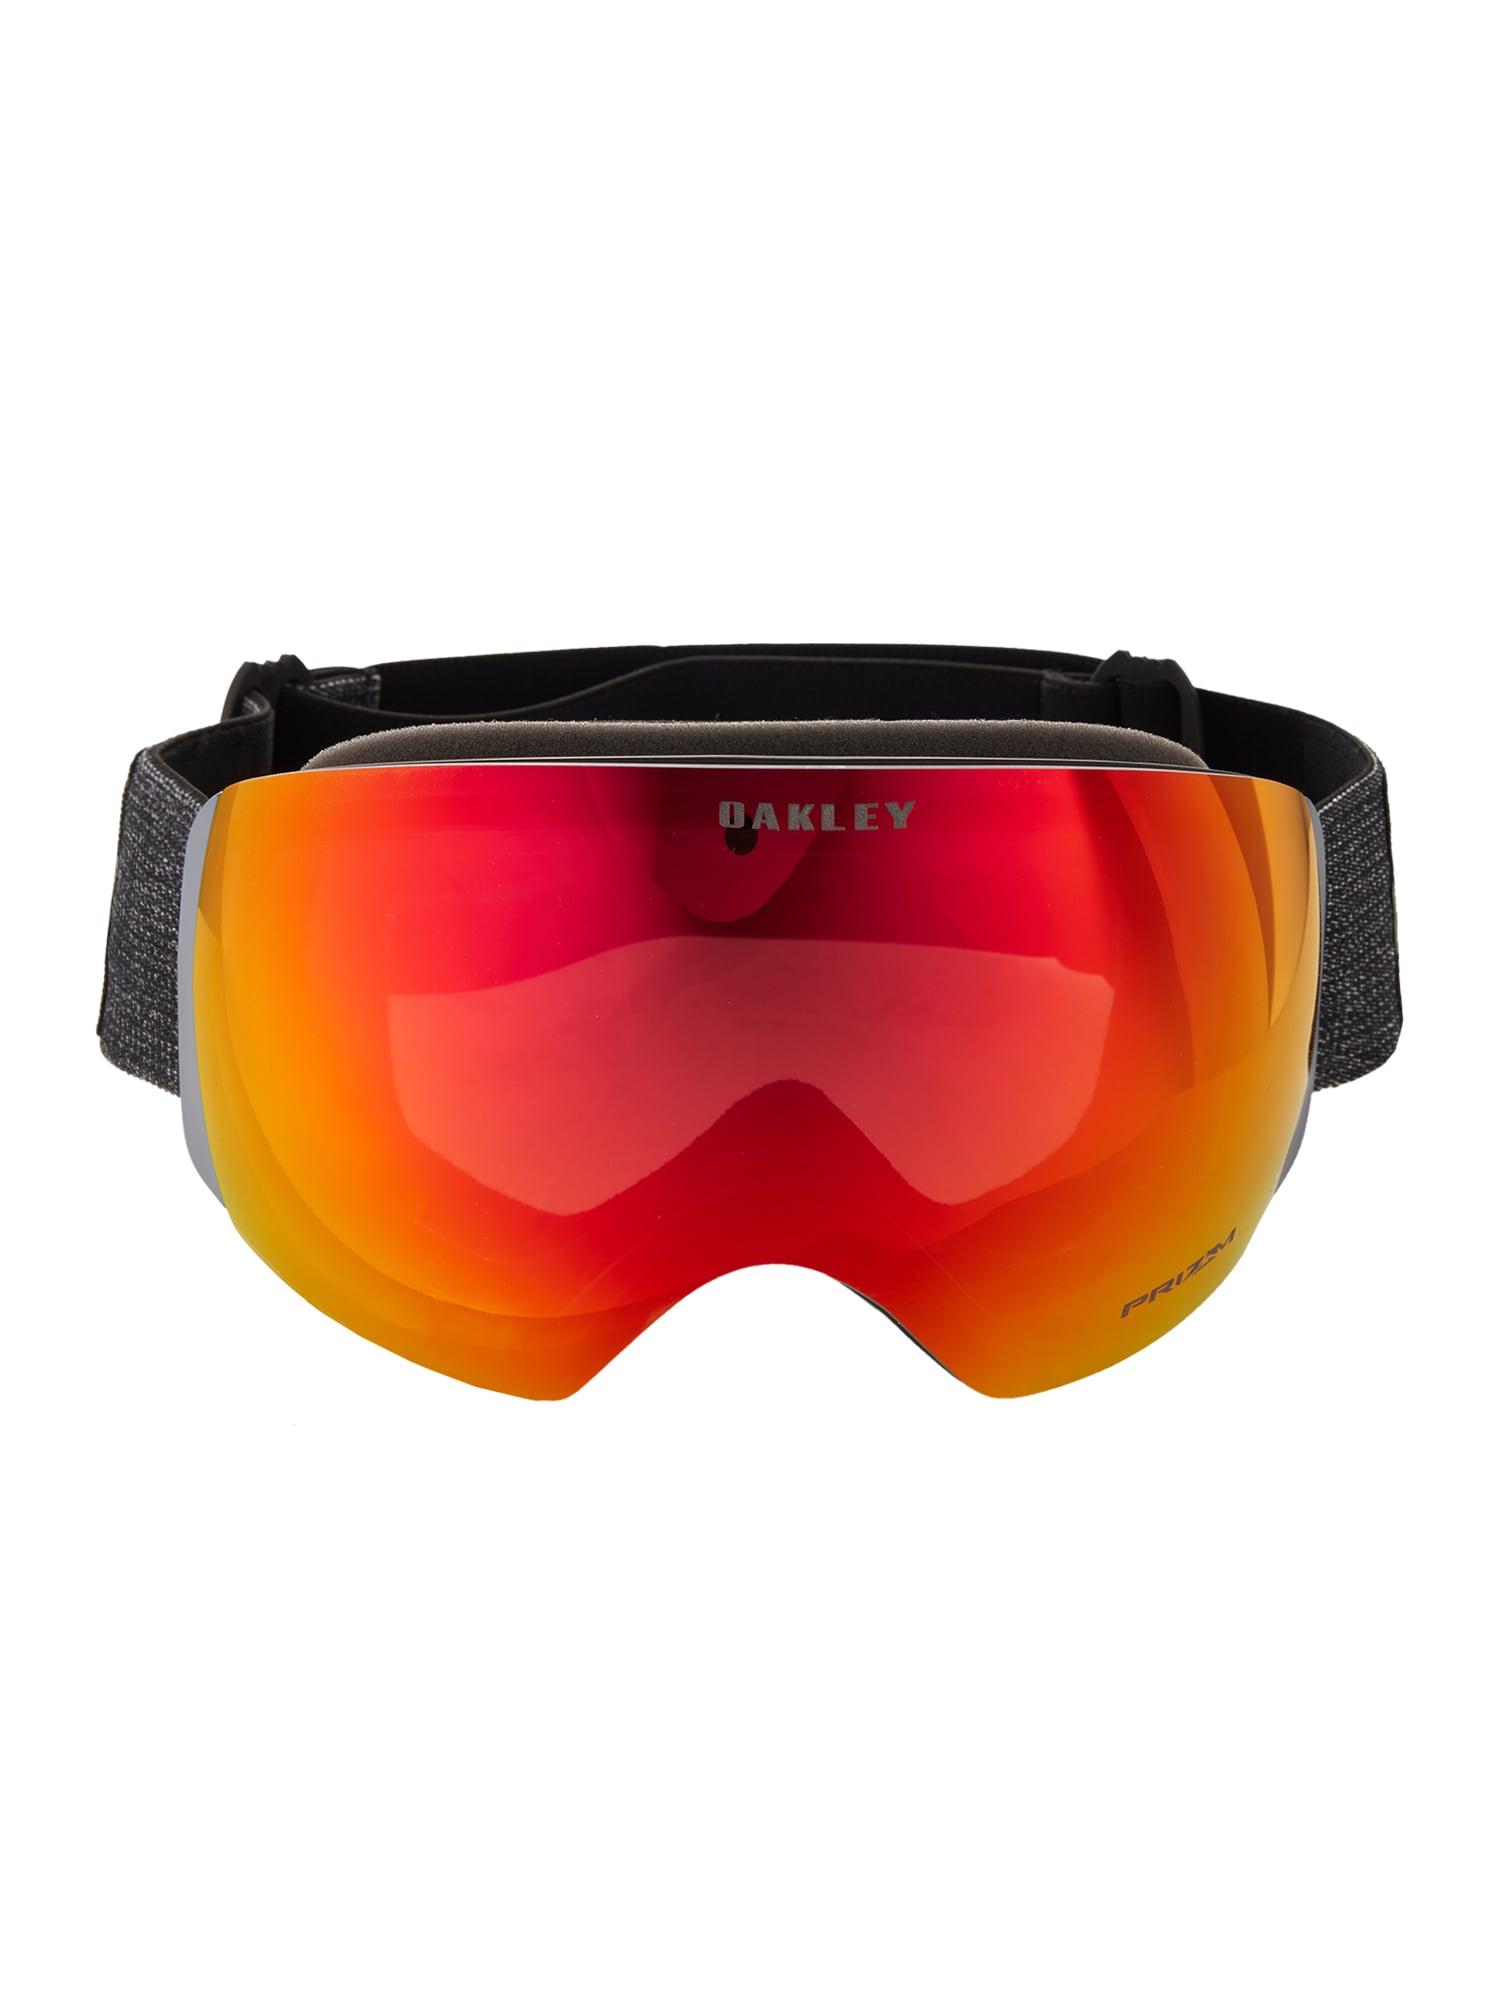 OAKLEY Sportiniai akiniai 'Flight Deck' raudona / tamsiai pilka